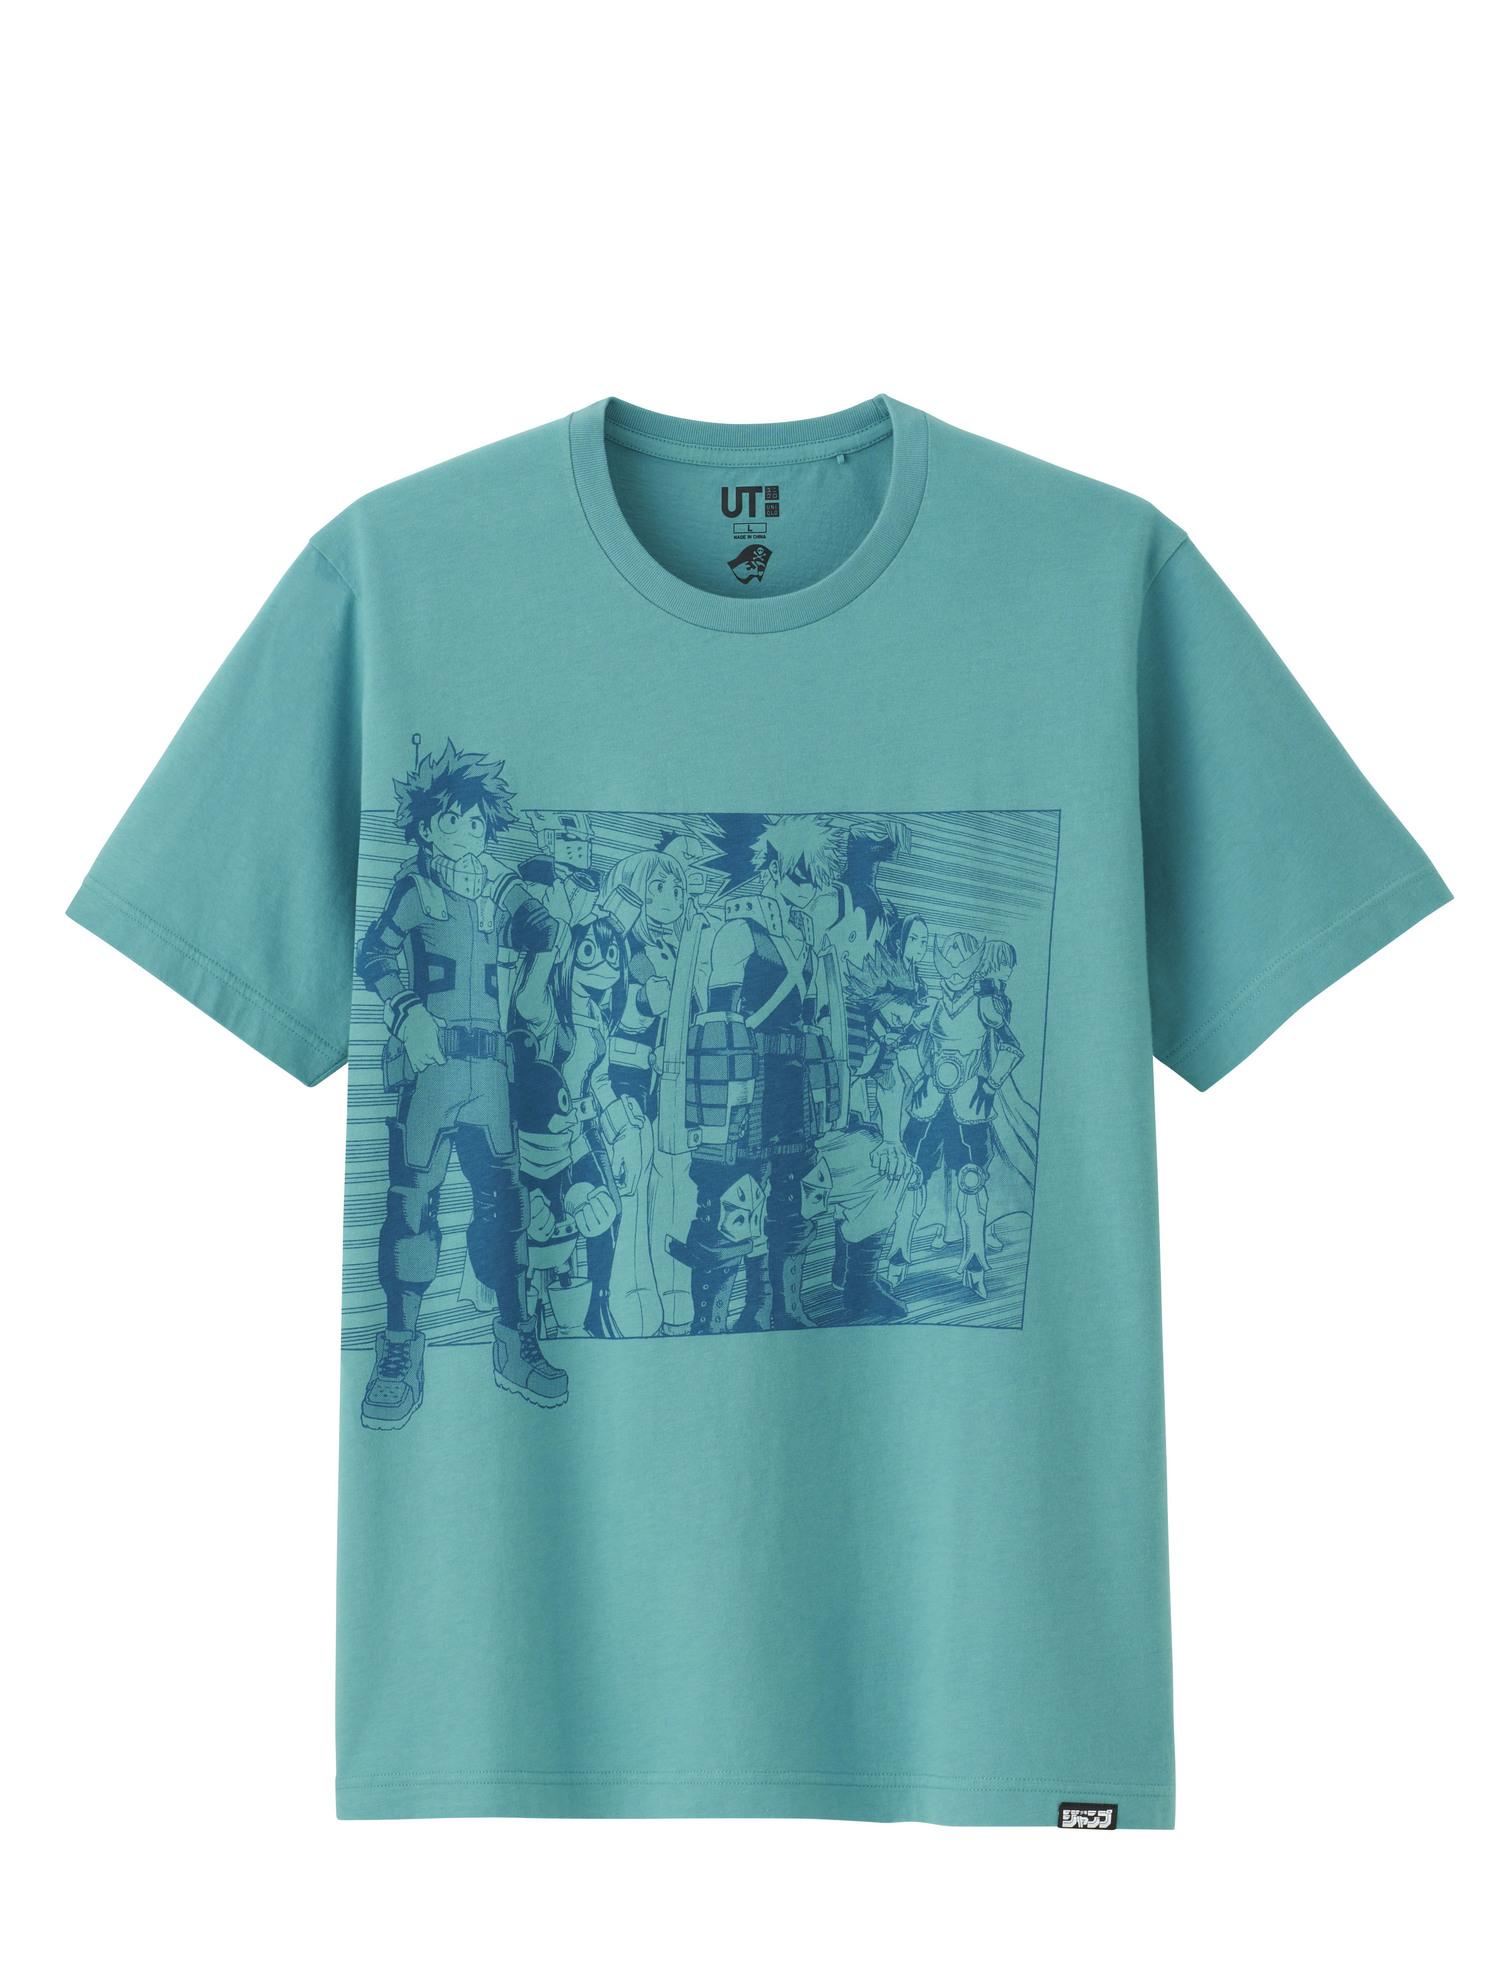 【歴史】40年代のファッション ...